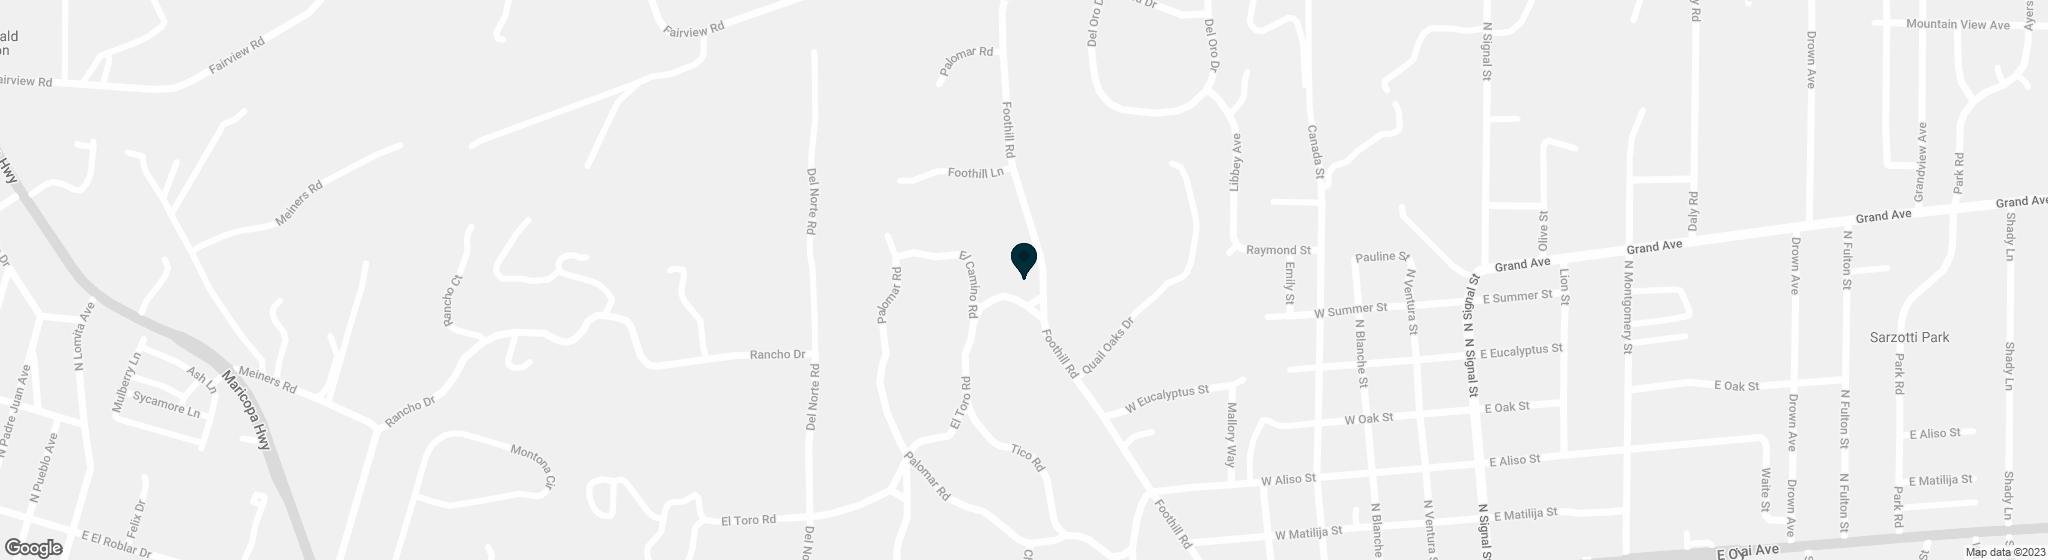 701 Foothill Road Ojai CA 93023